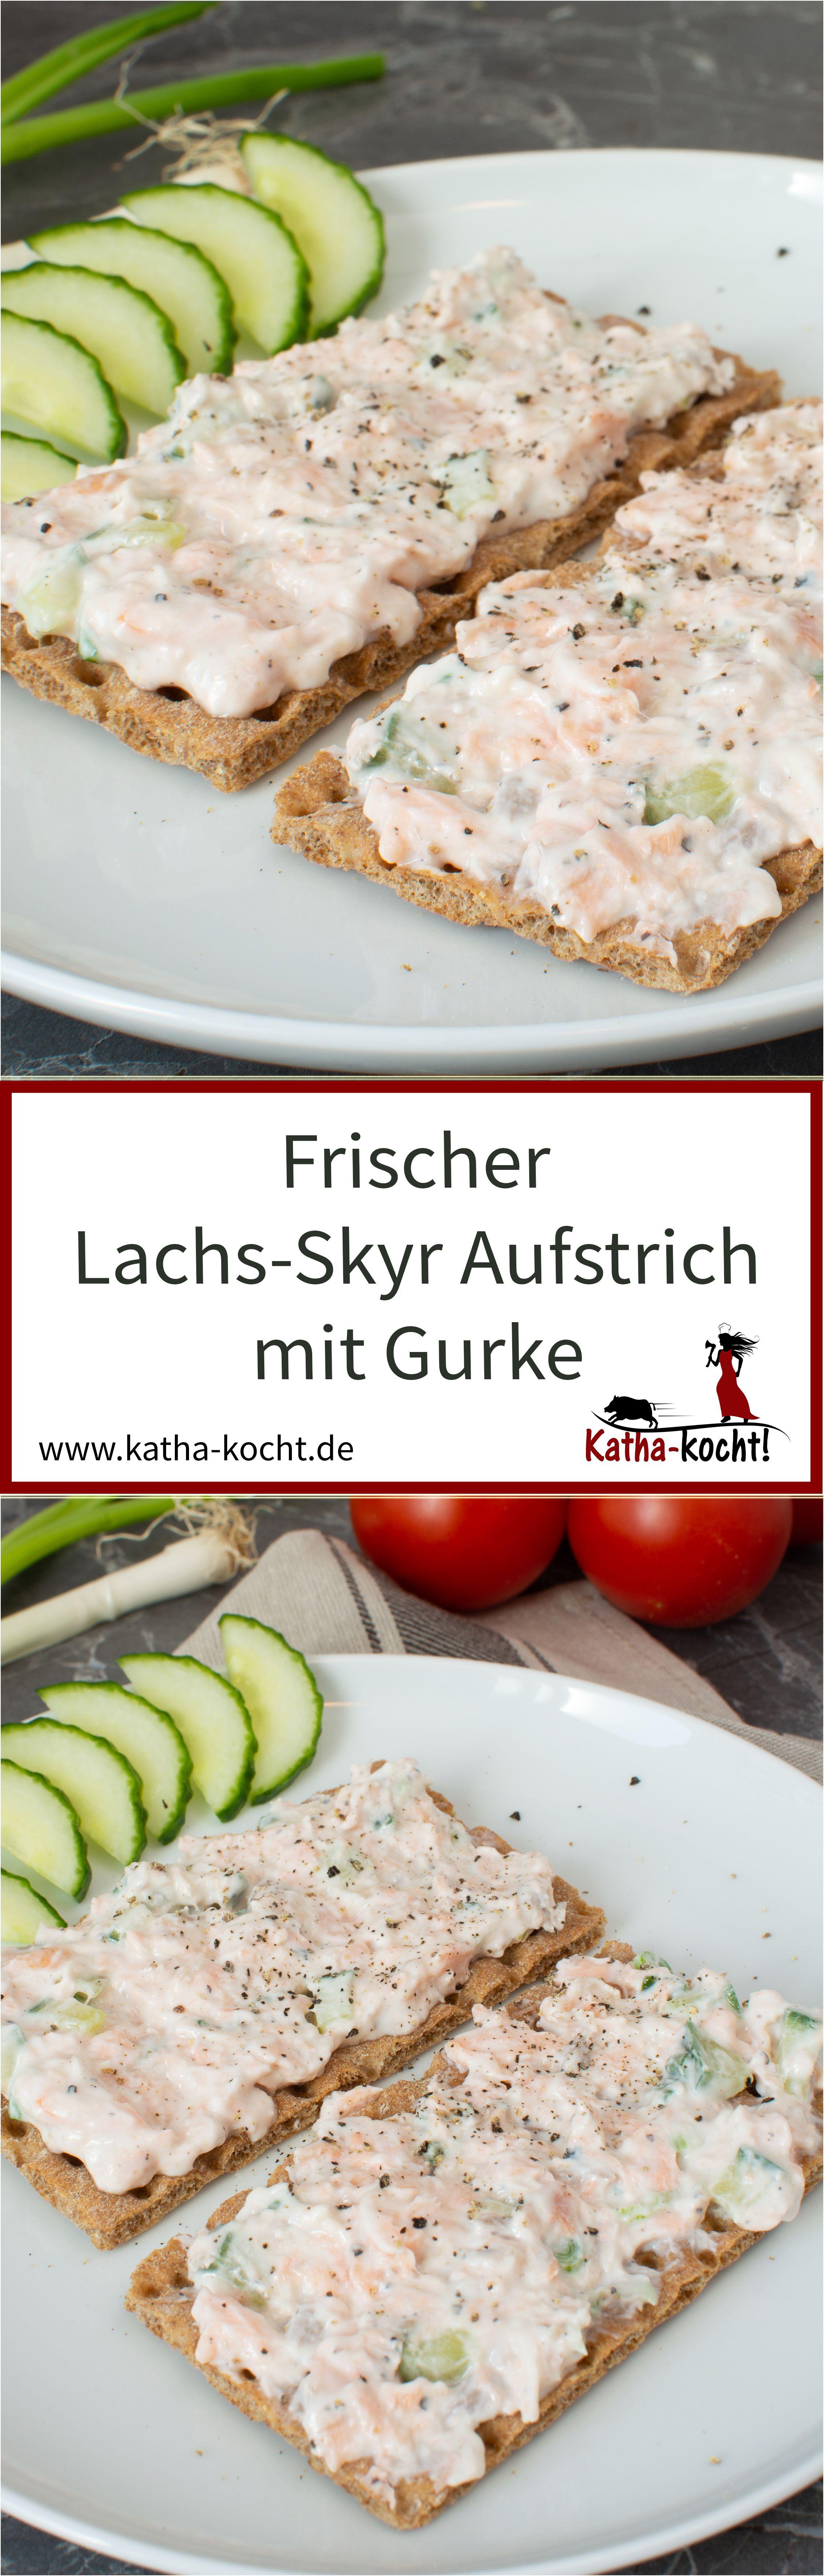 Lachs-Skyr Aufstrich mit Gurke #salmonfood